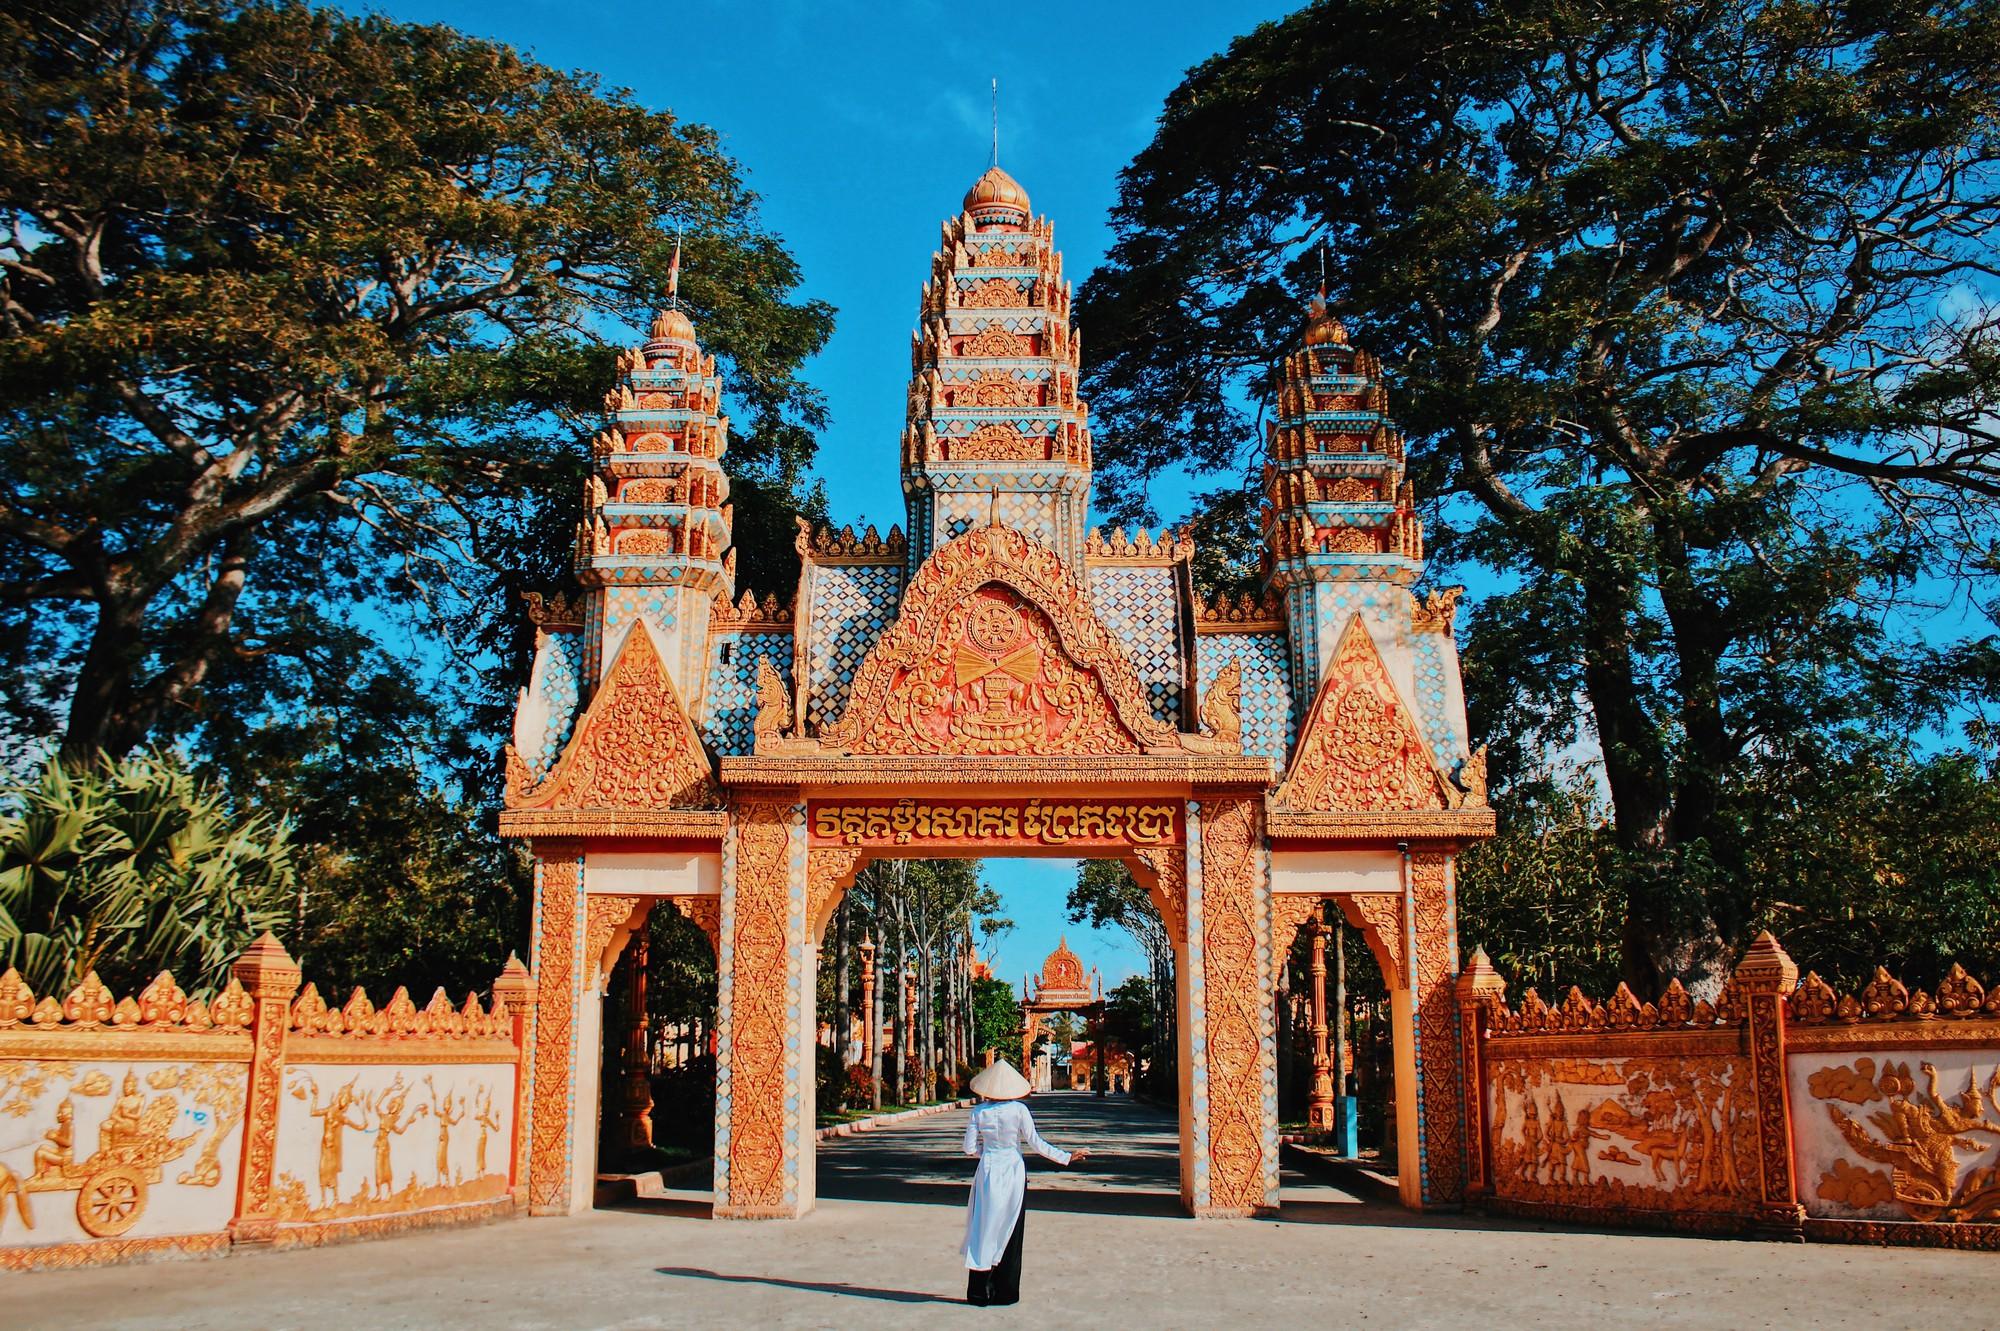 3 ngôi chùa cổ siêu đẹp không phải bạn trẻ nào cũng biết ở Bạc Liêu - Ảnh 2.